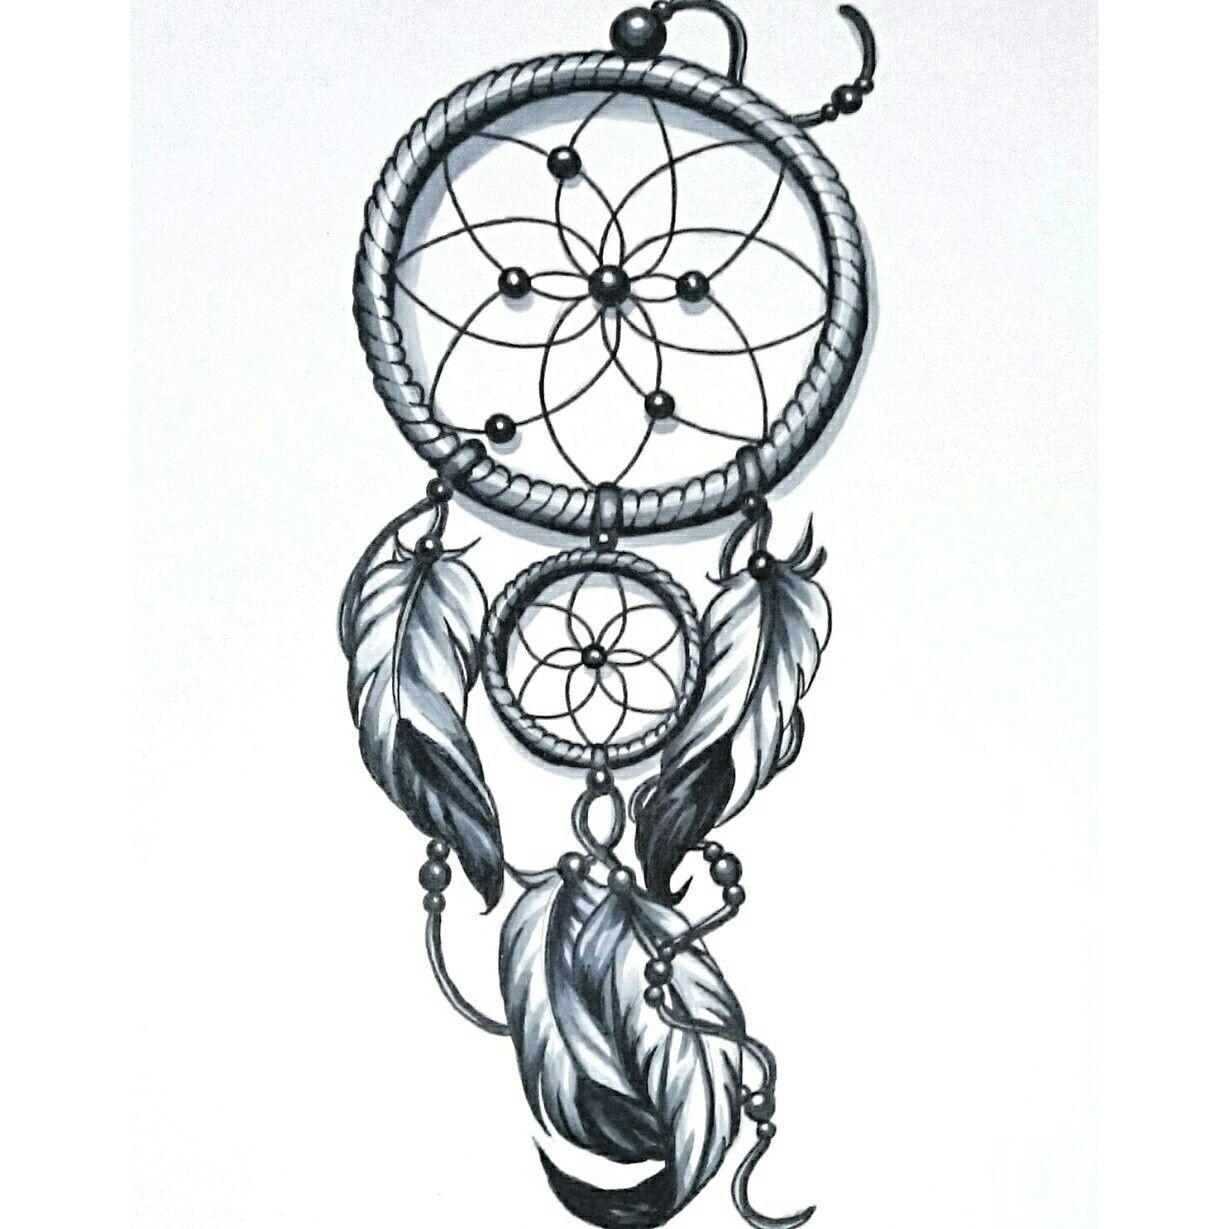 Dream Catcher Tattoo Design Idea: #SkinEvolutionTattoo #KONOMI #konomiangel #tattoo #design